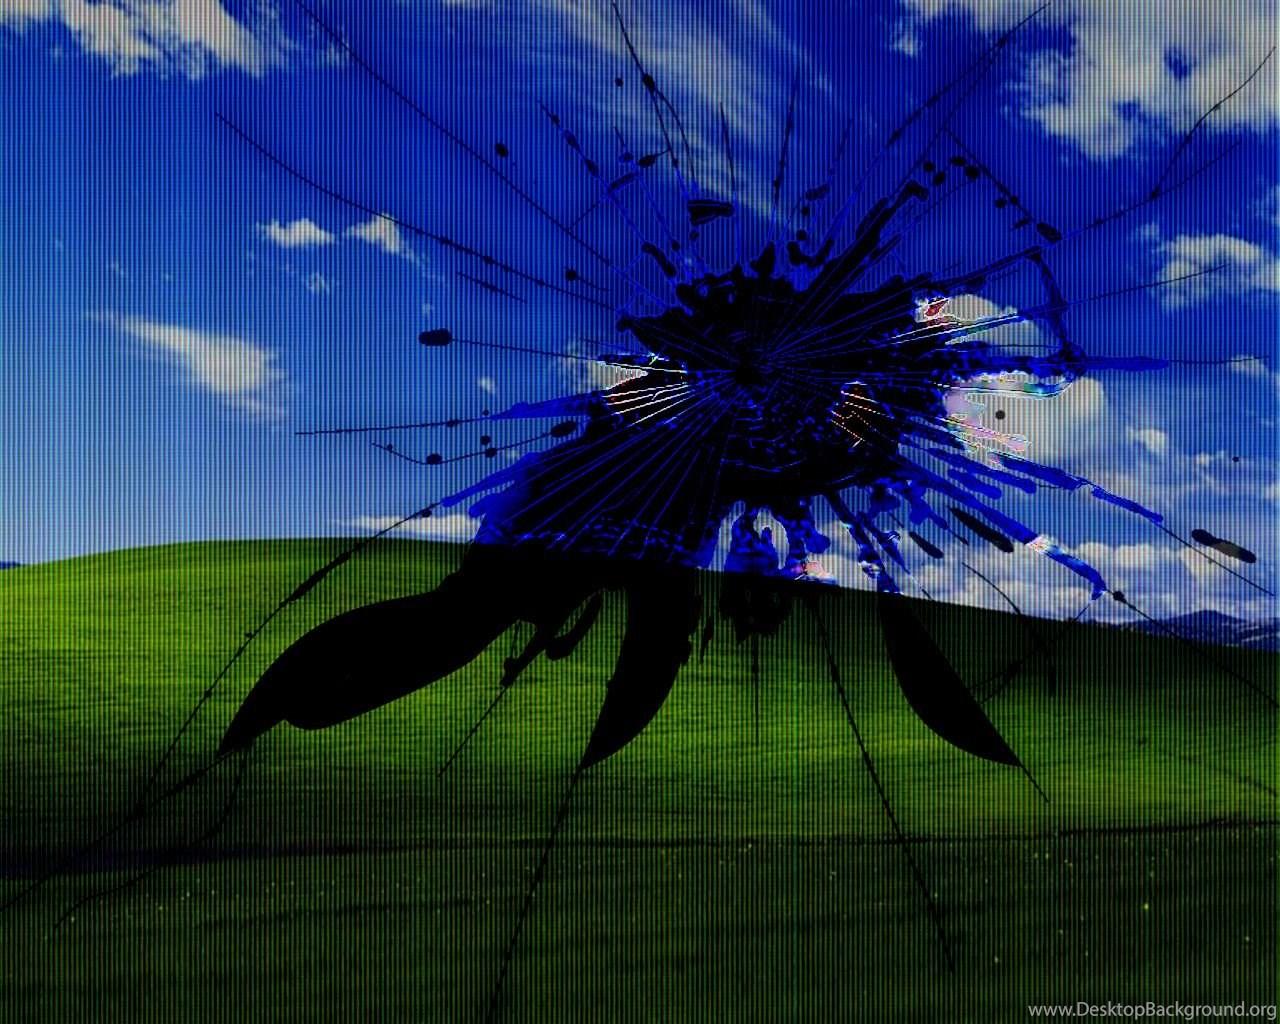 10330 Windows 7 Broken Screen Widescreen Hd Wallpapers Attachment